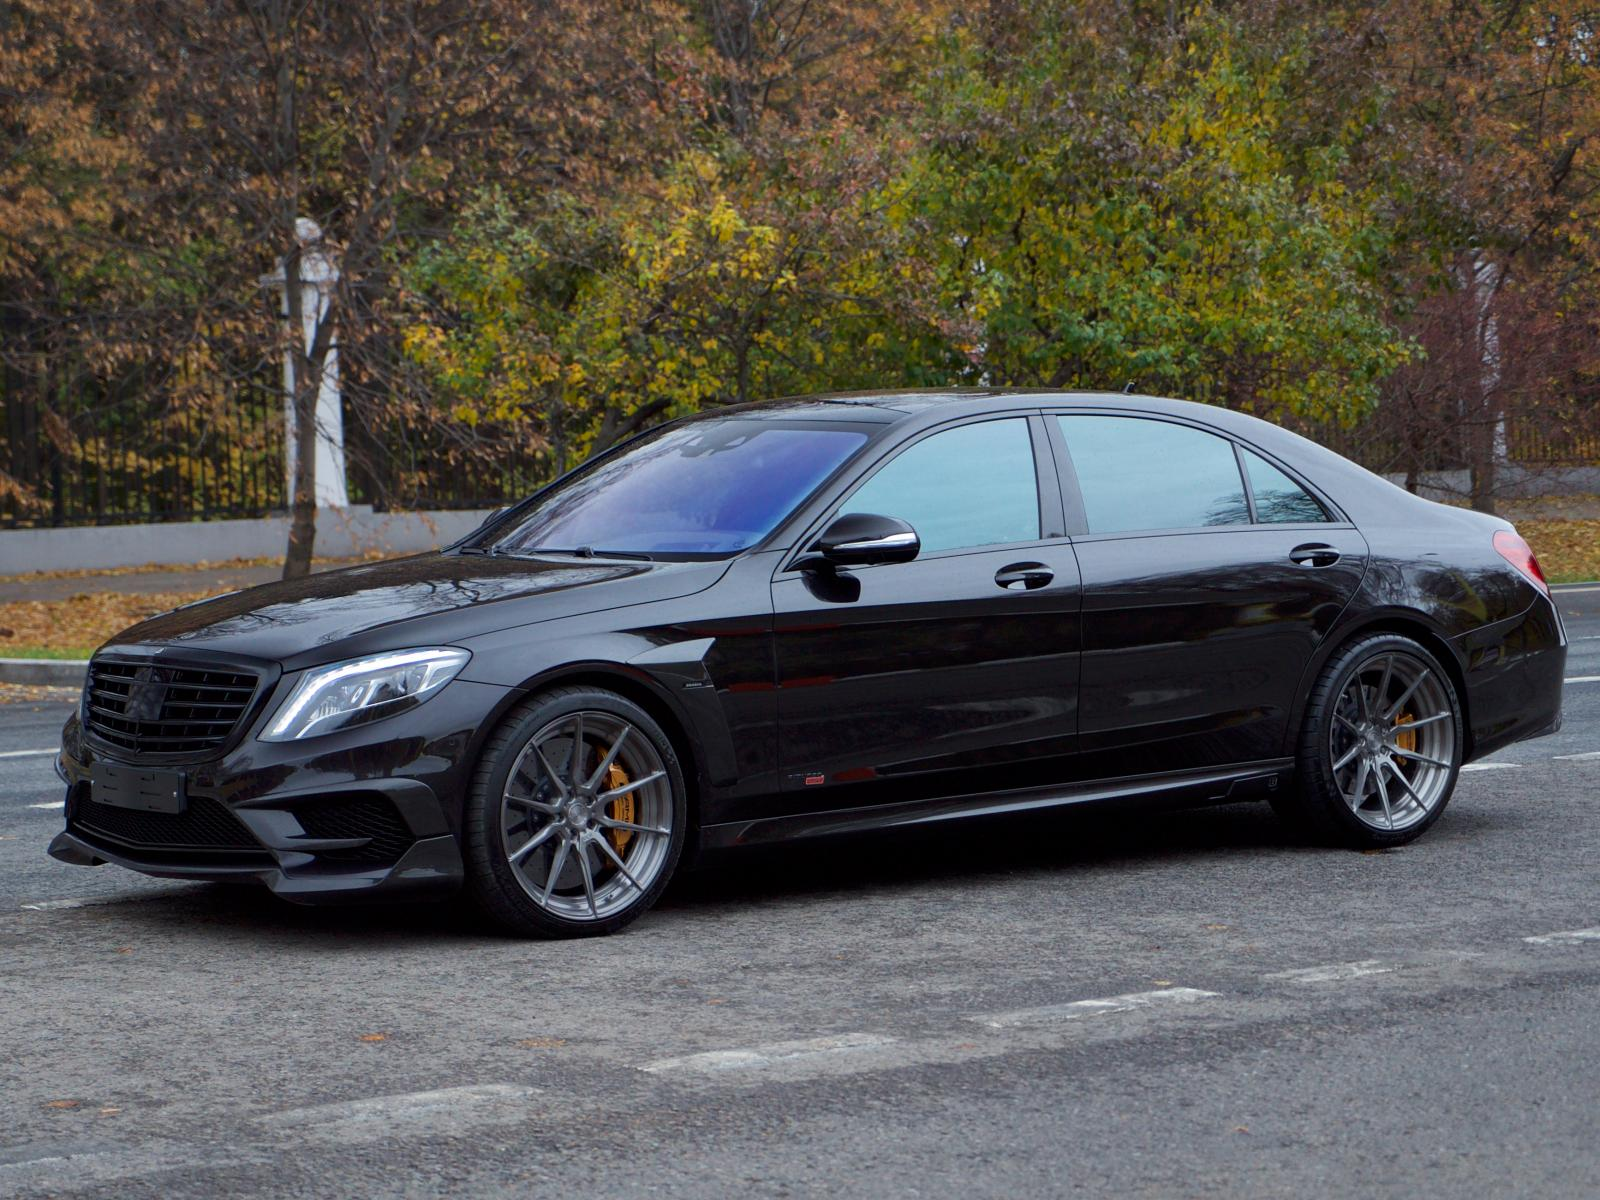 Mercedes-Benz S-Класс AMG с пробегом в Москве. Автомобильная компания Mr.Motors